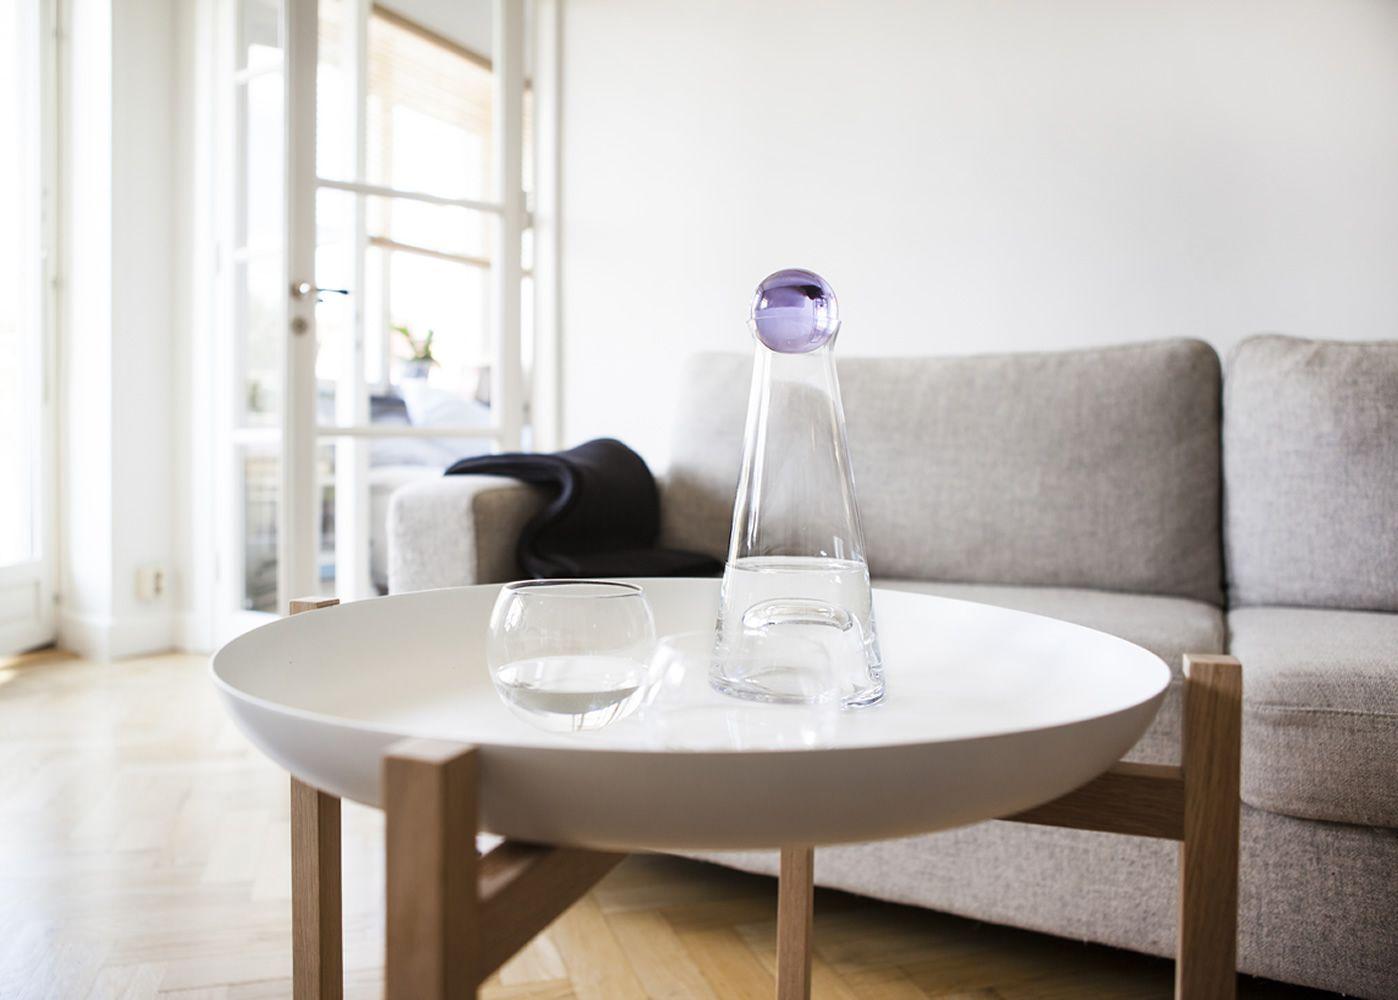 Tavolini In Legno Bianco : Tablo tavolino vassoio in legno con piano in metallo diverse